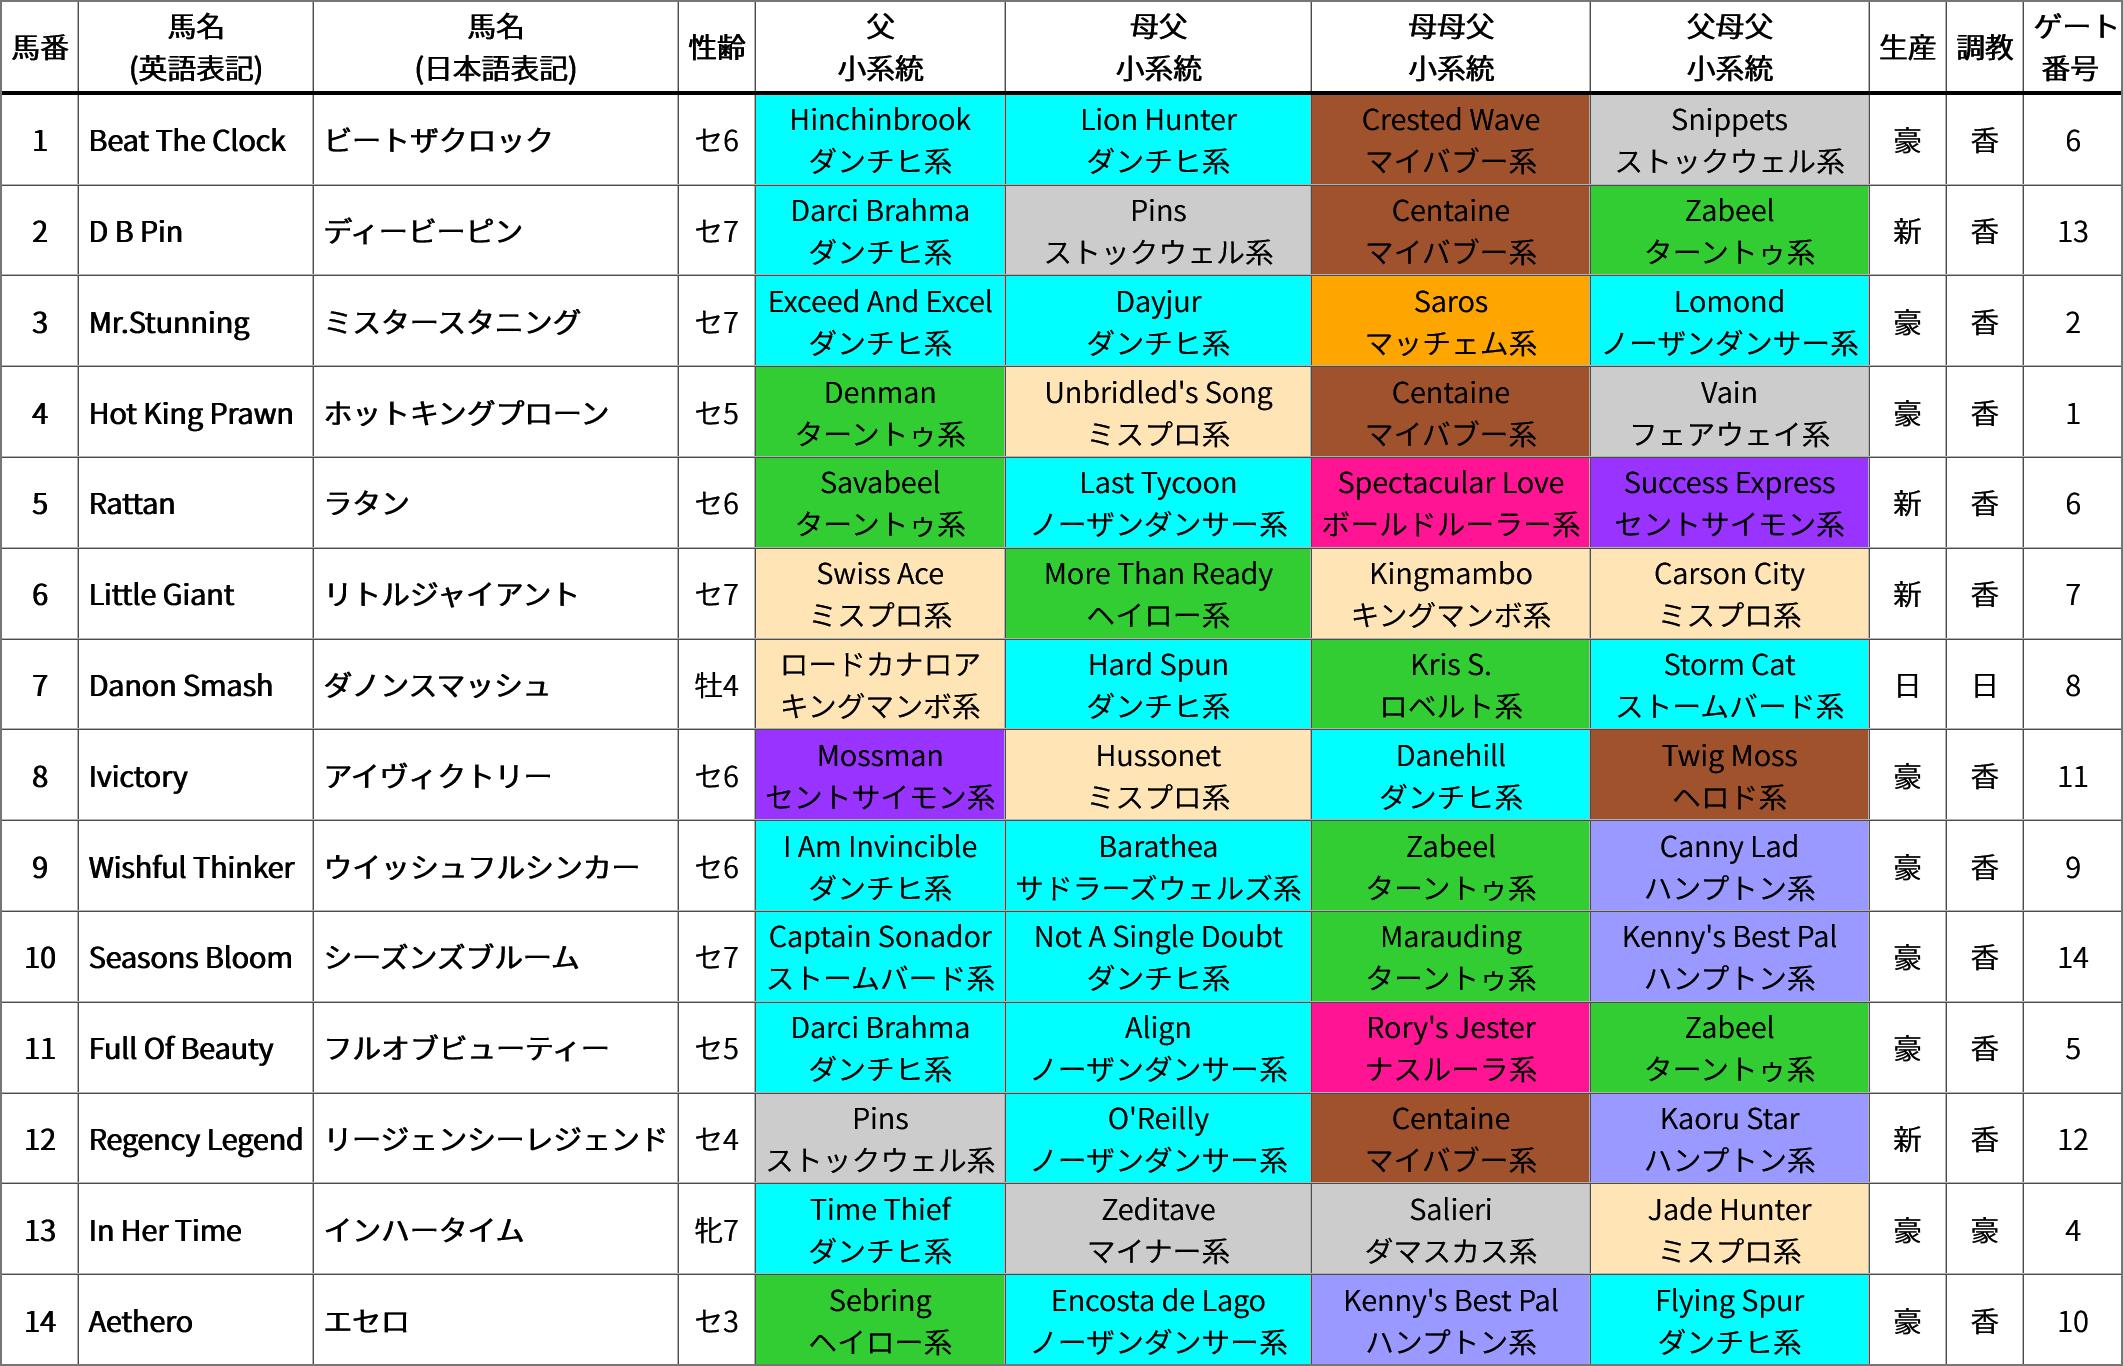 2019年 香港国際競走 スペシャル企画/出走馬の血統詳細&過去5年の血統傾向